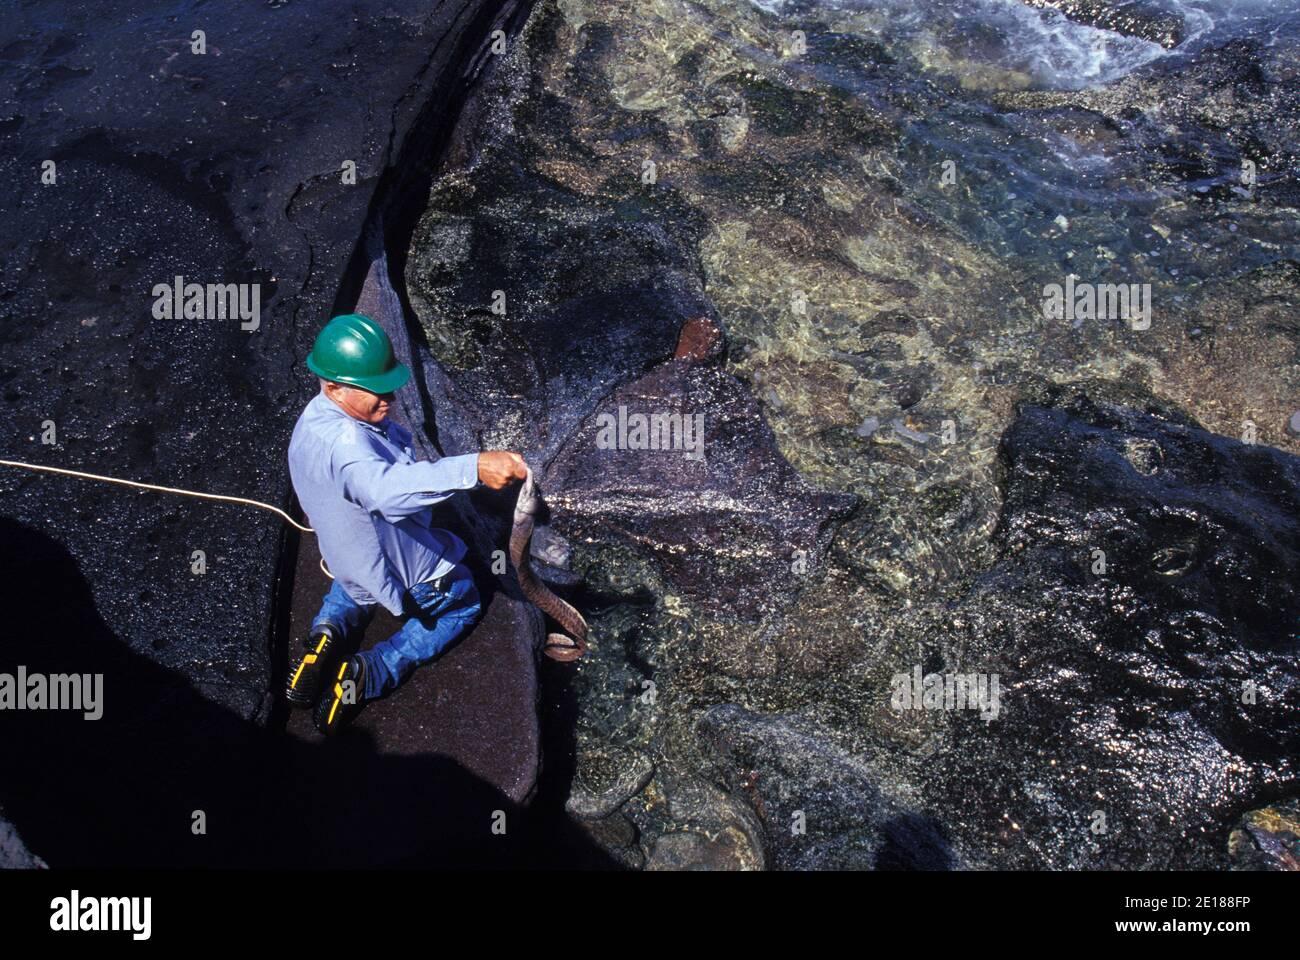 Keith Robinson feeds an eel in shallow waters of Niihau, Hawaii Foto de stock